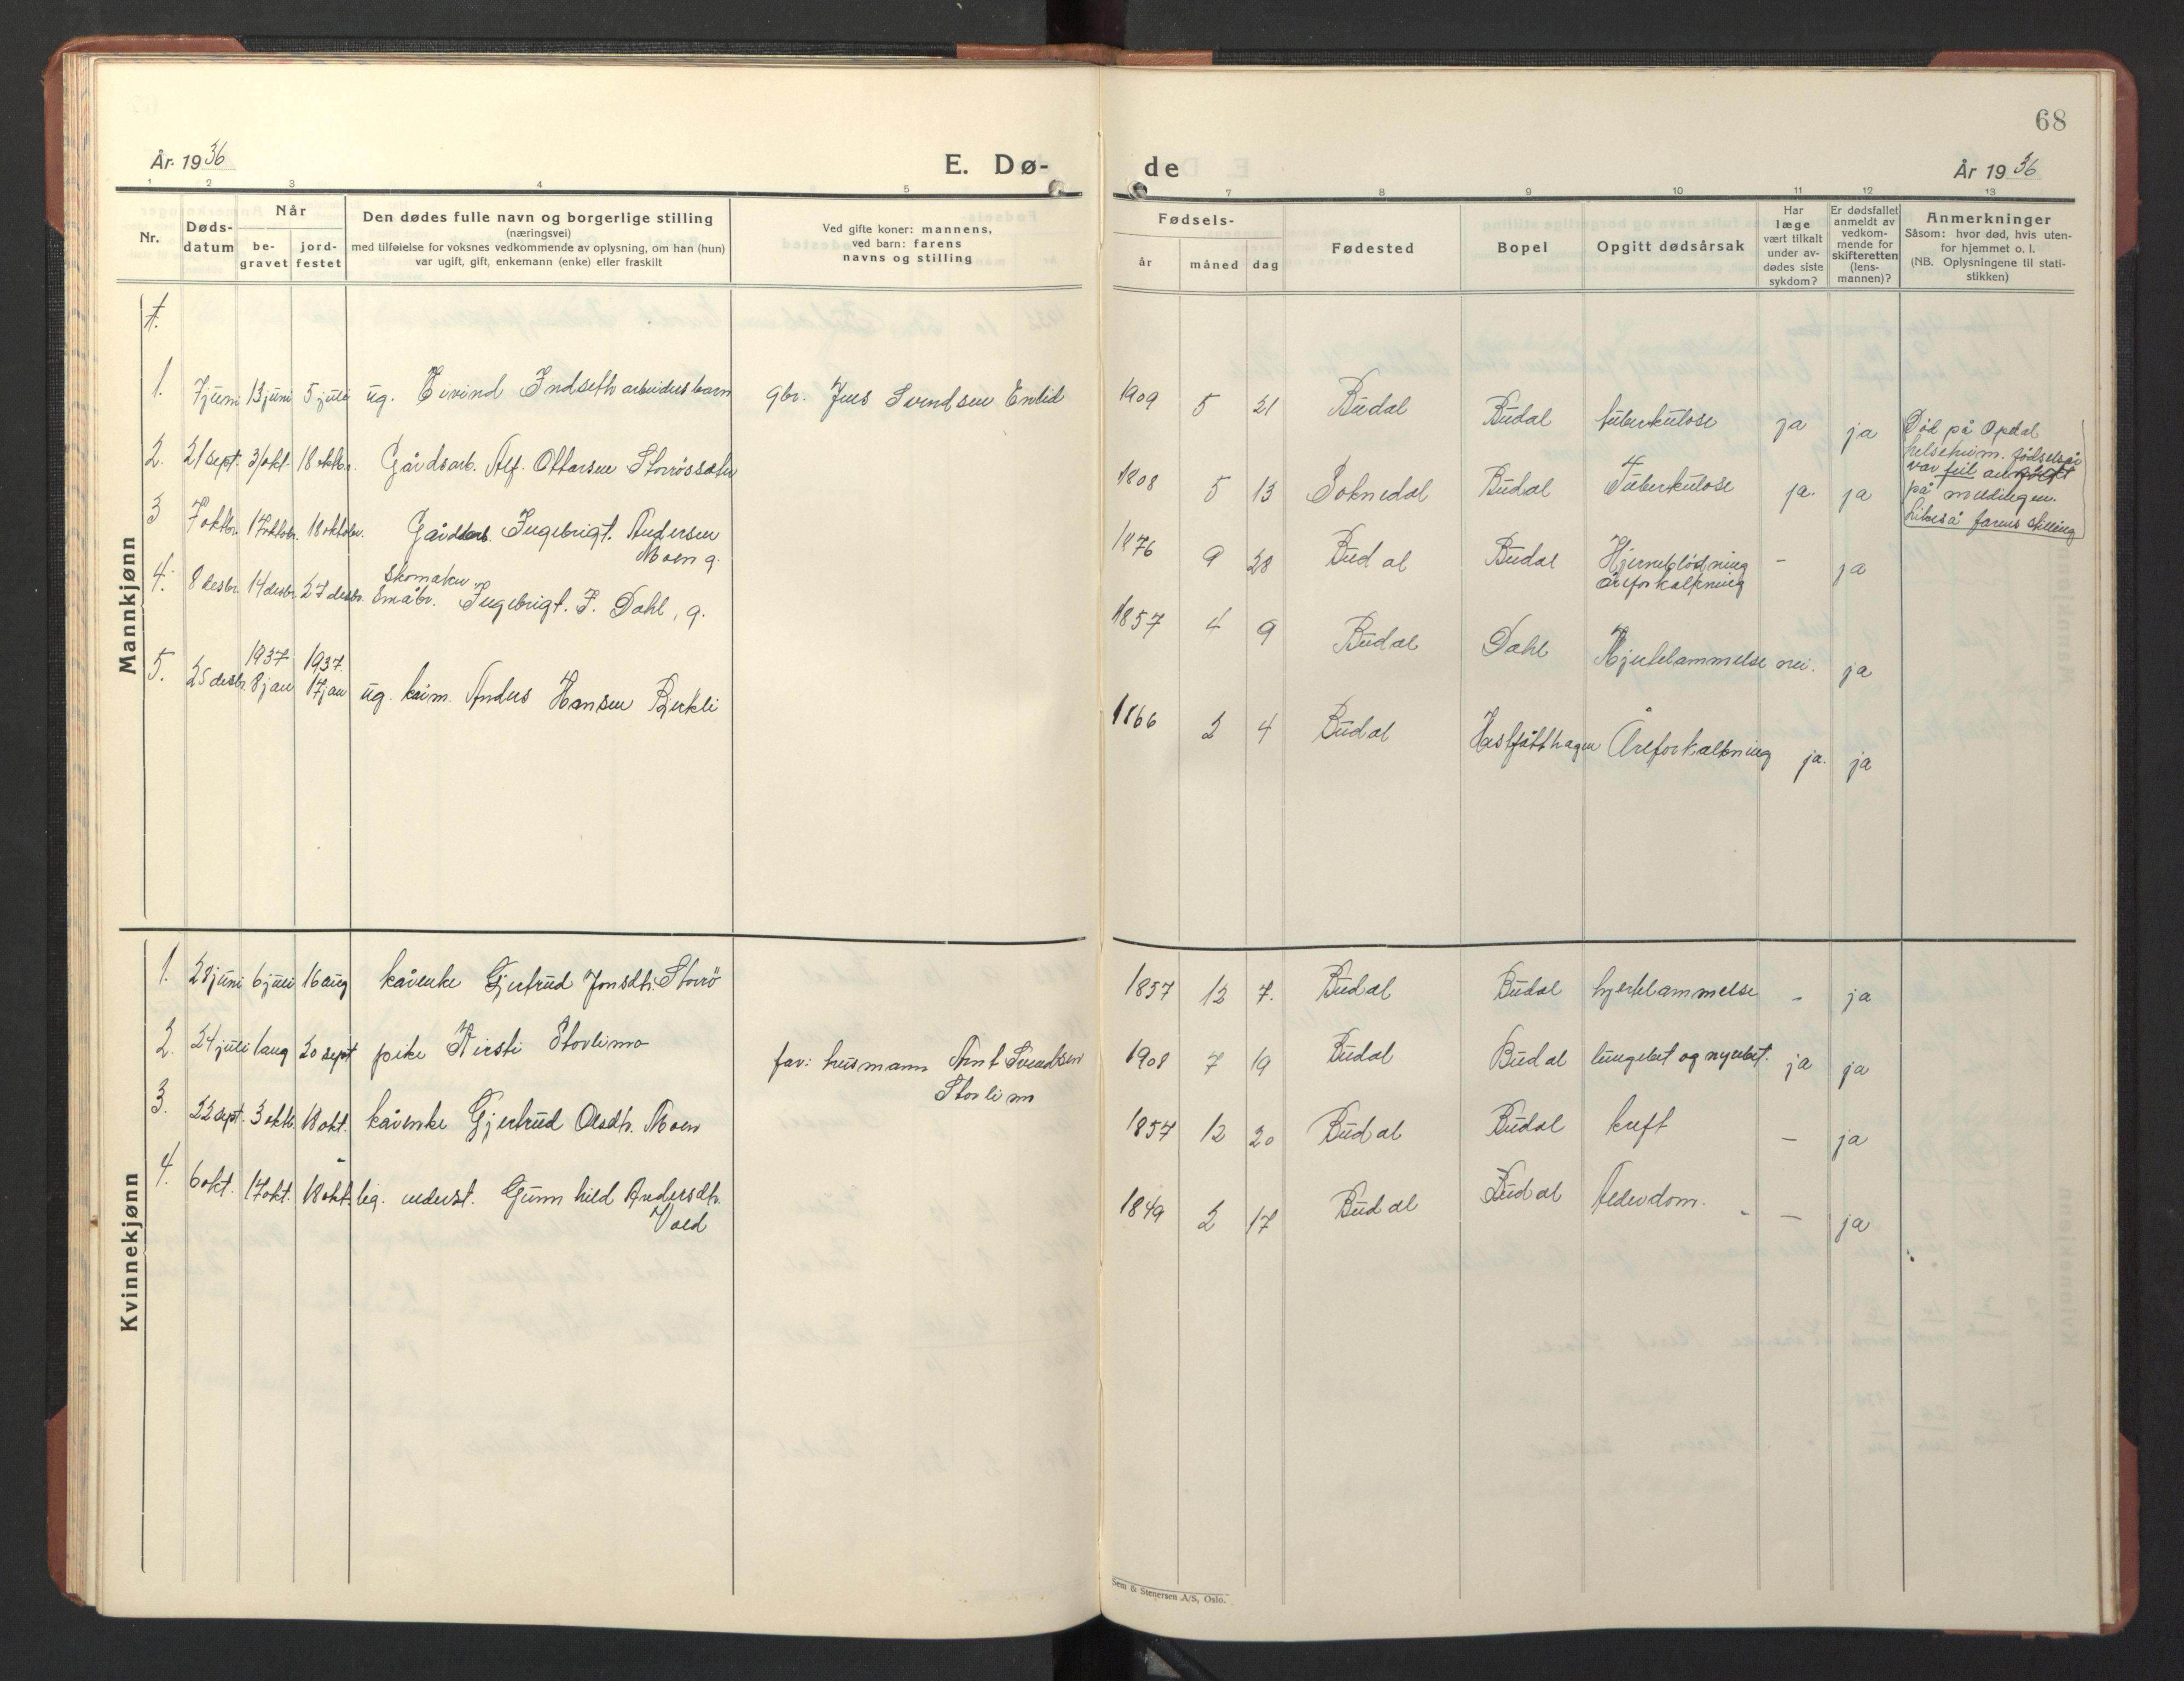 SAT, Ministerialprotokoller, klokkerbøker og fødselsregistre - Sør-Trøndelag, 690/L1053: Klokkerbok nr. 690C03, 1930-1947, s. 68